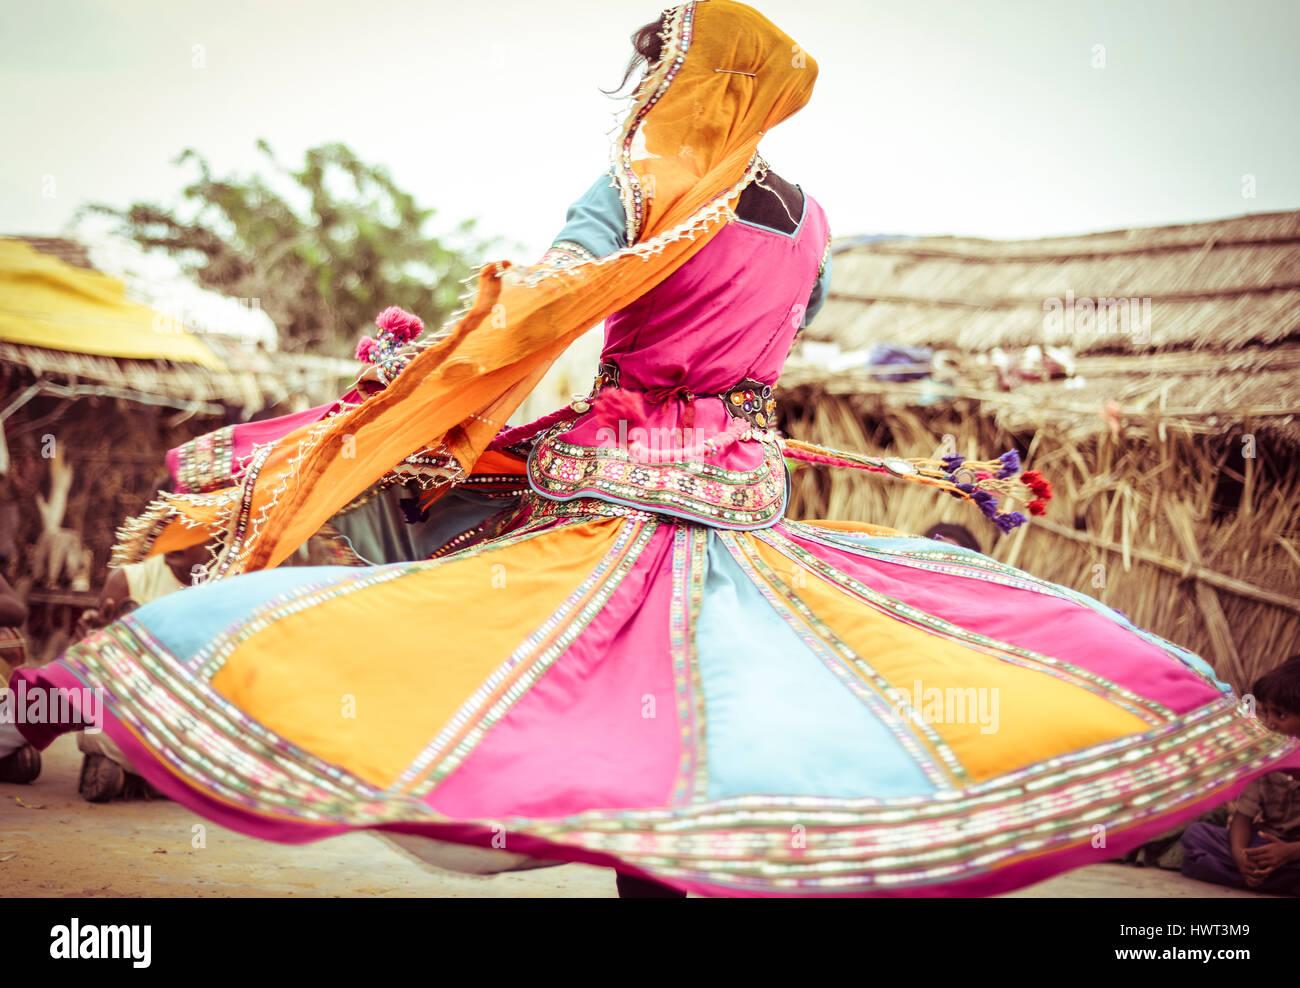 Femme en costume traditionnel dansant sur domaine Photo Stock